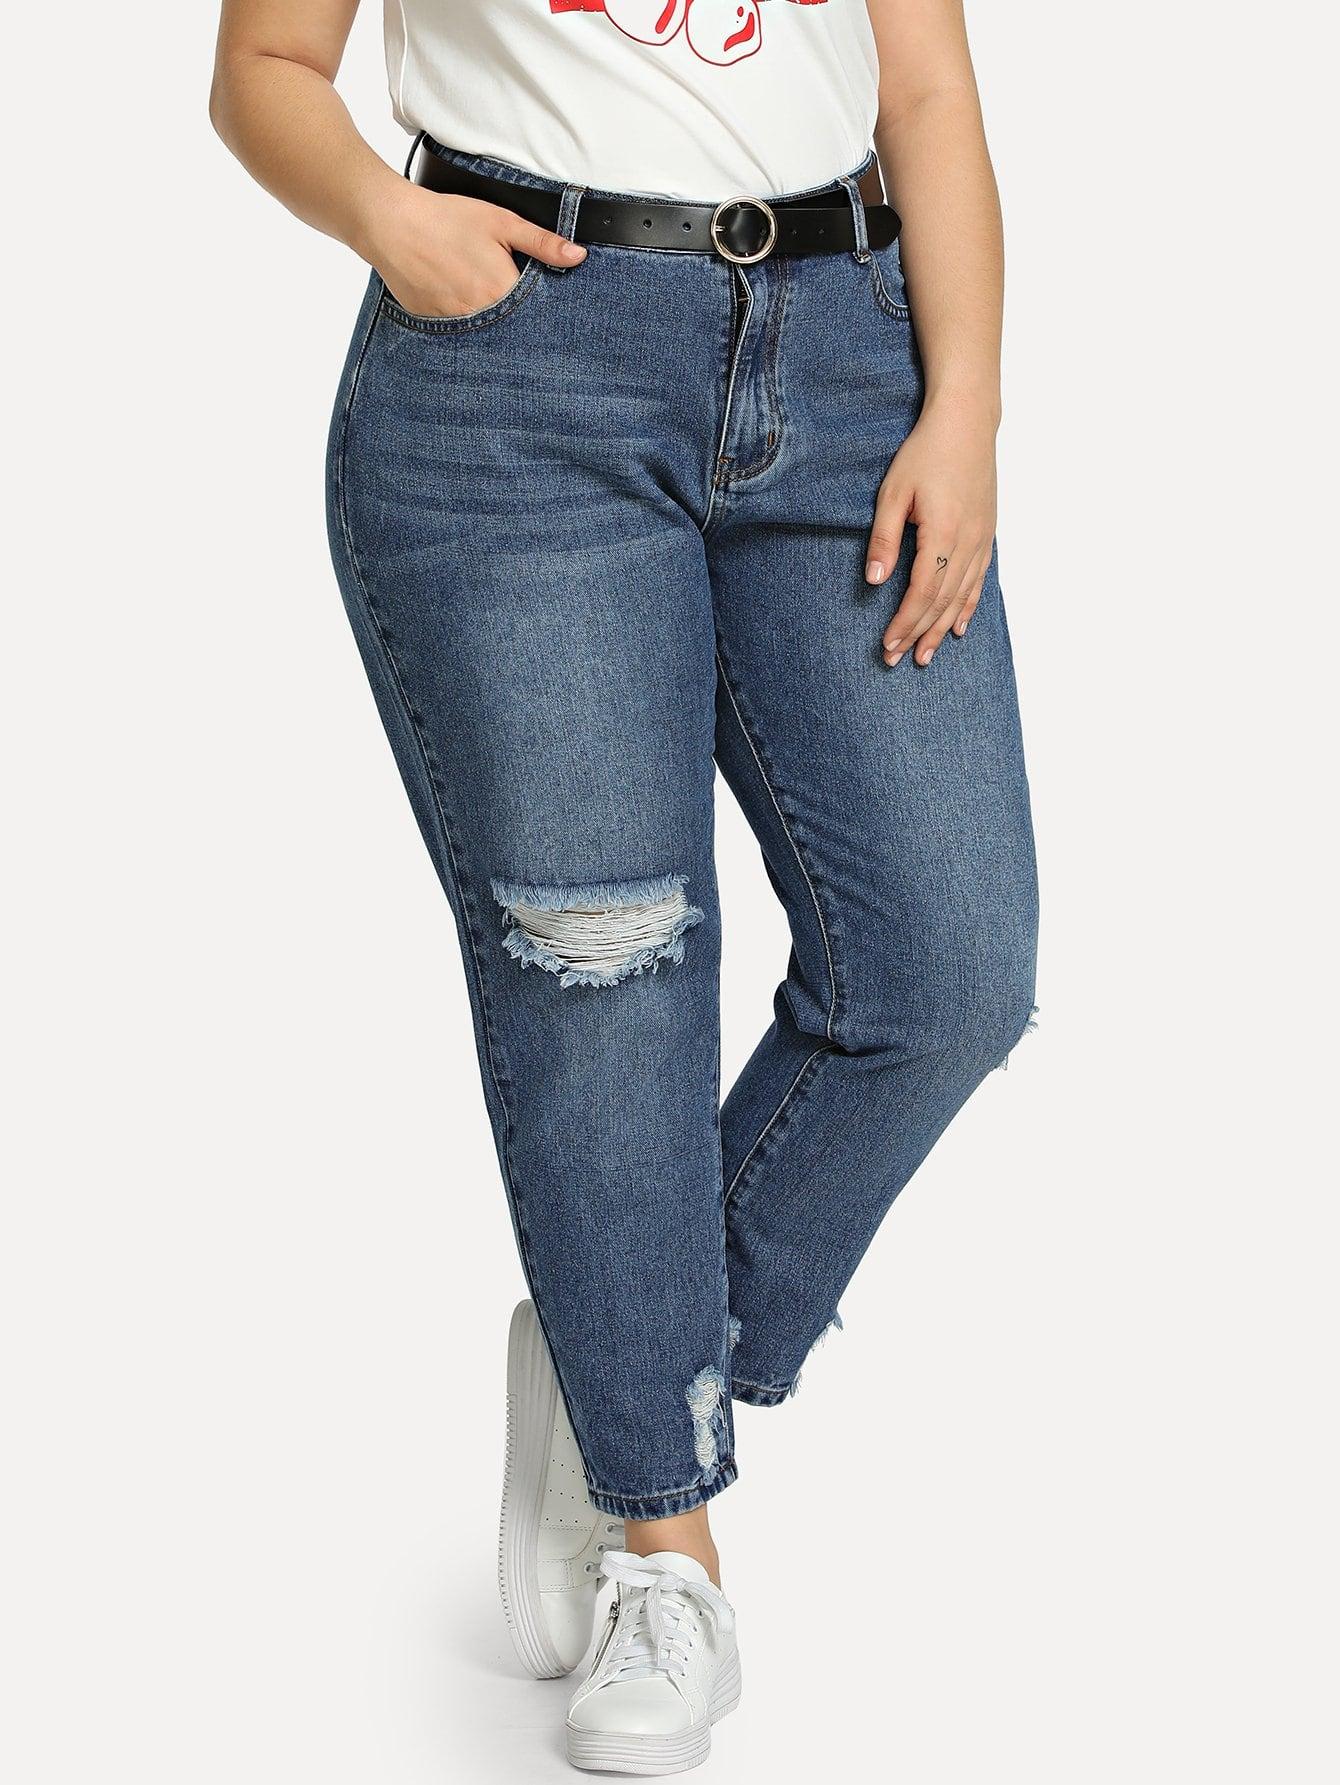 bergro e zerrissene jeans mit bleichen german shein sheinside. Black Bedroom Furniture Sets. Home Design Ideas